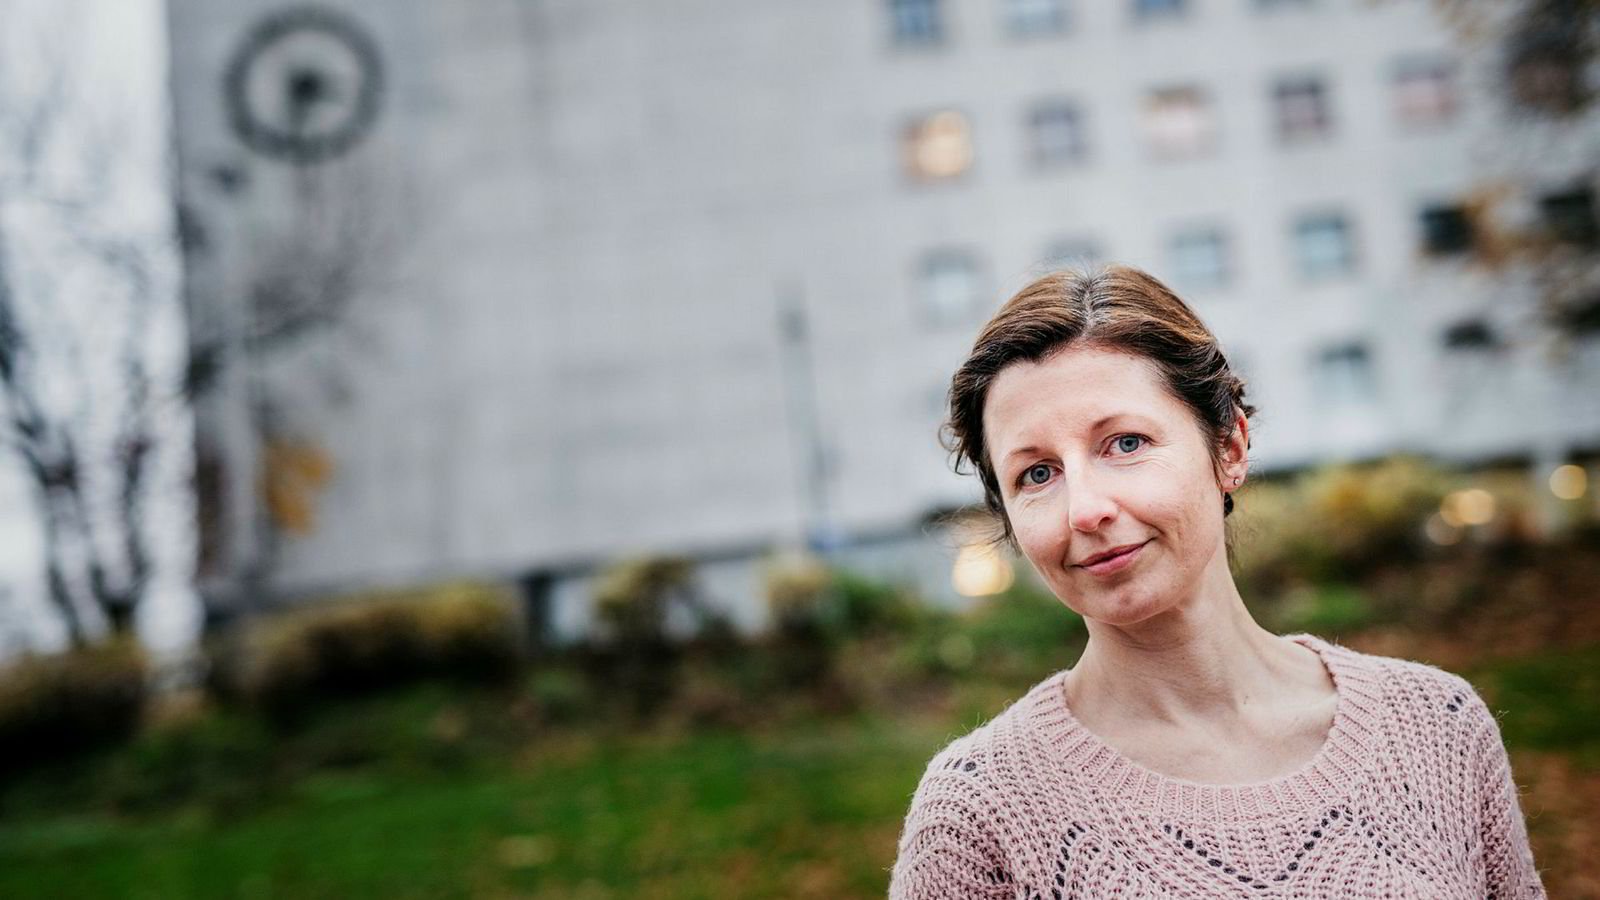 Laurie MacGregor, sosiale medier-rådgiver i NRK, ser frem til samarbeidet med Snapchat og datainnsikten det gir tilgang på.